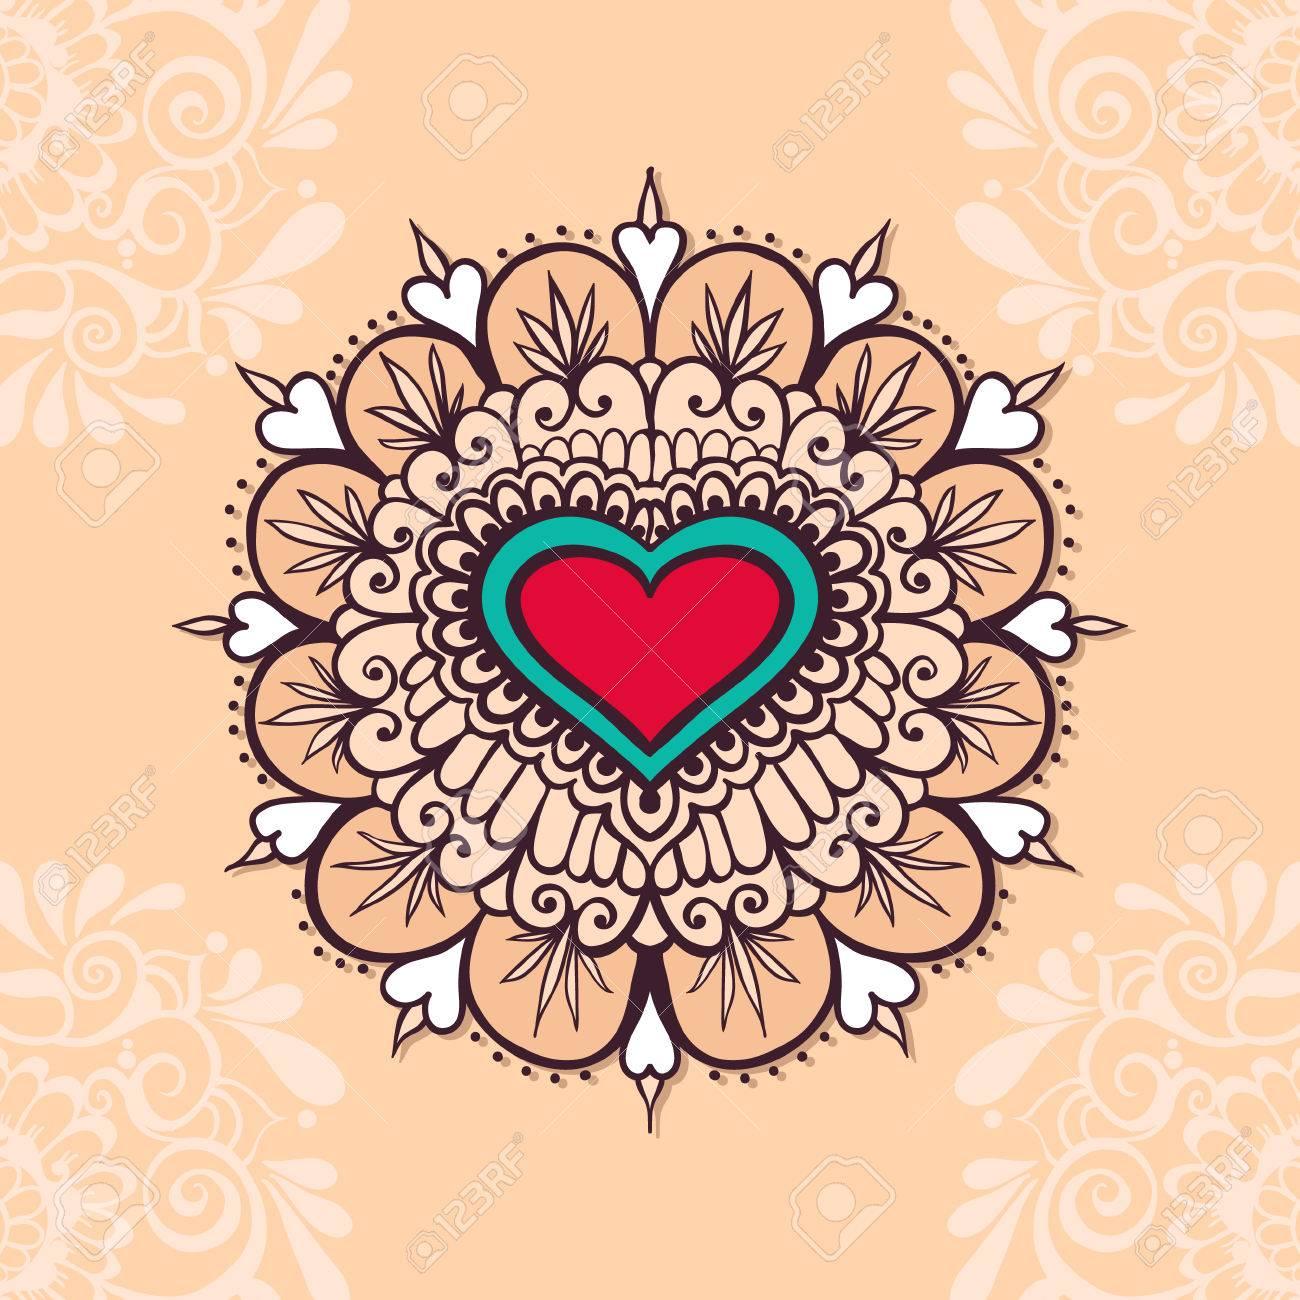 Henna-Tätowierung Herz. Mehndi Element Für Tattoo-Design ...